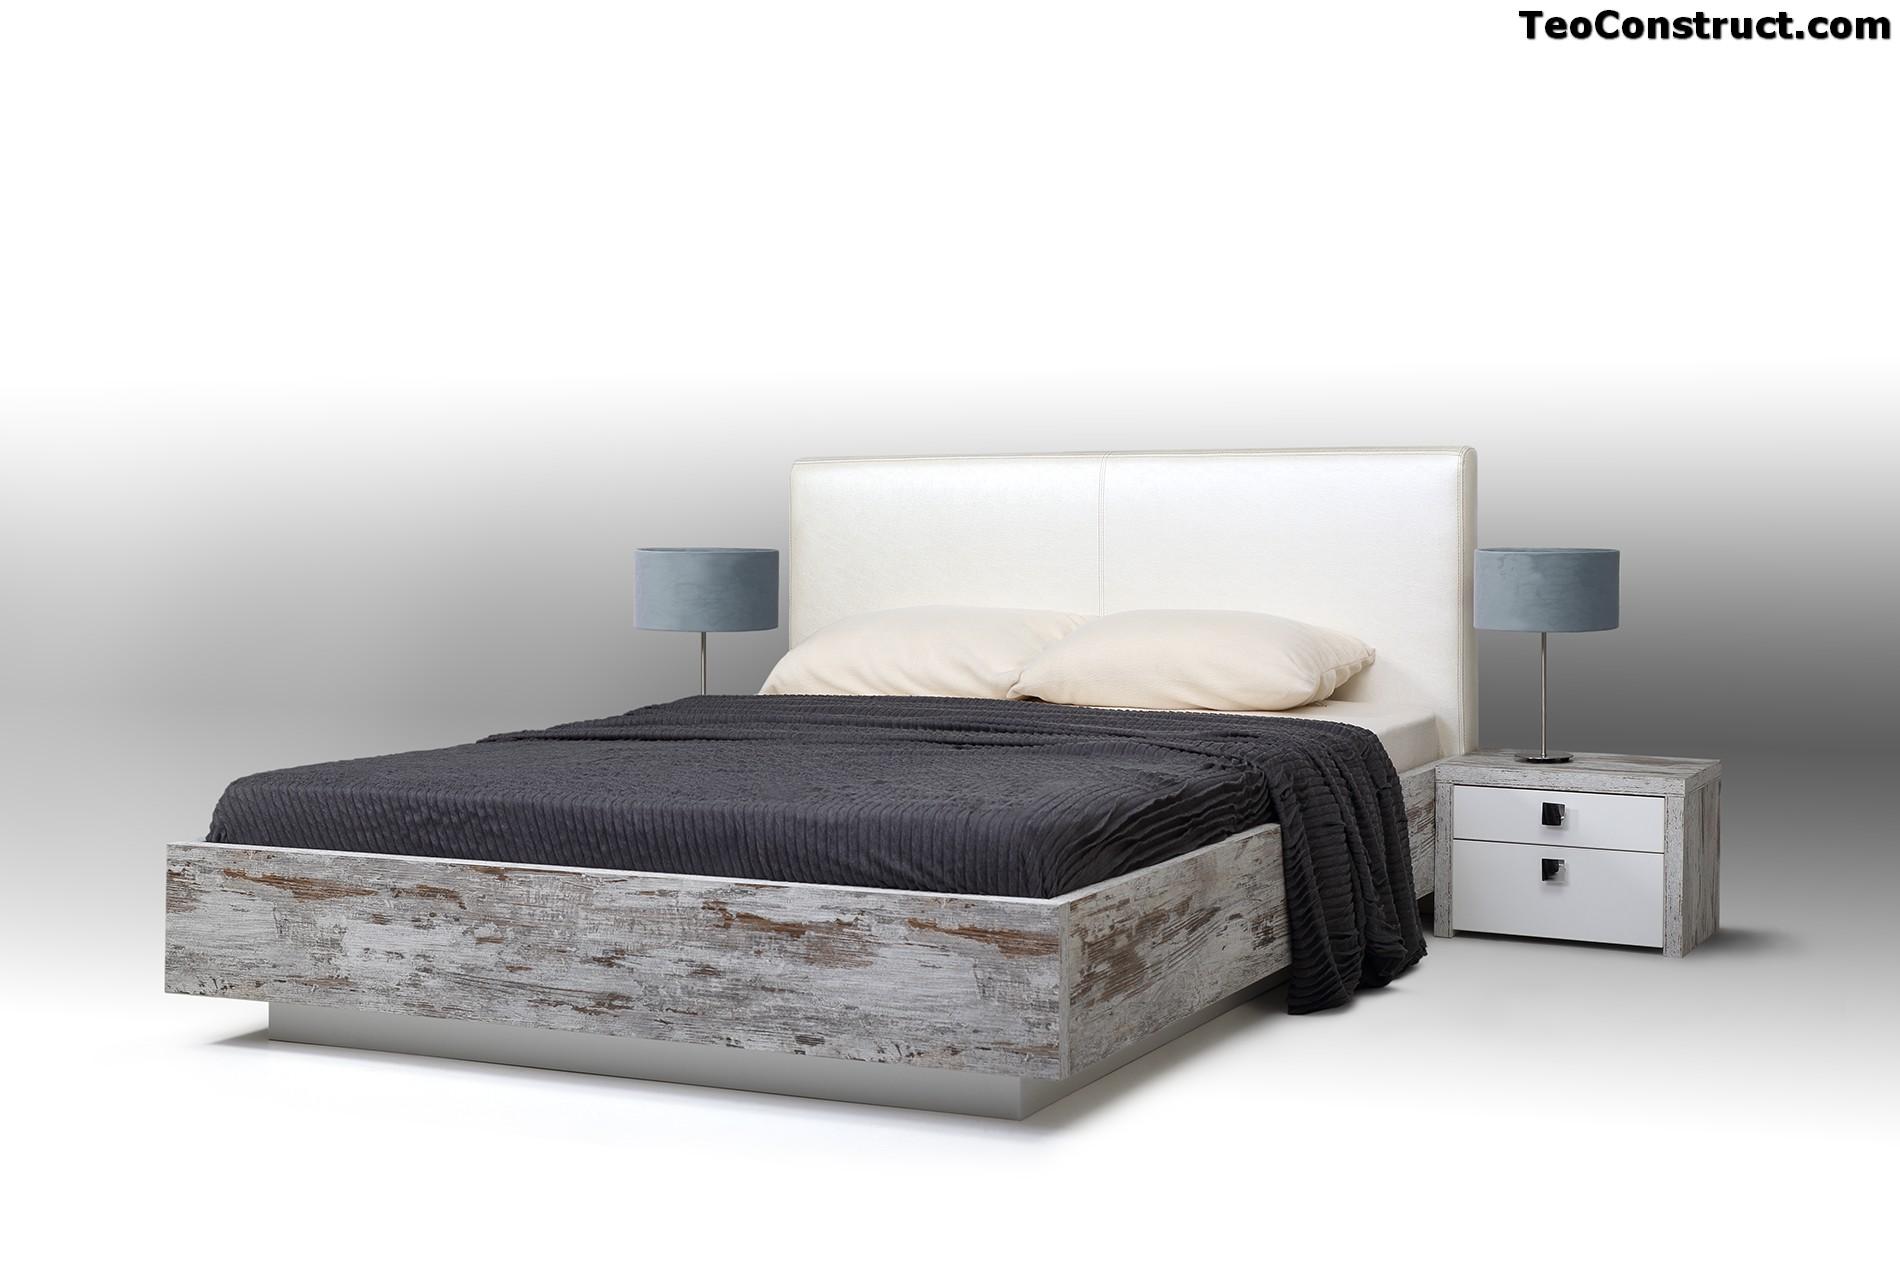 Dormitor de calitate Antique03